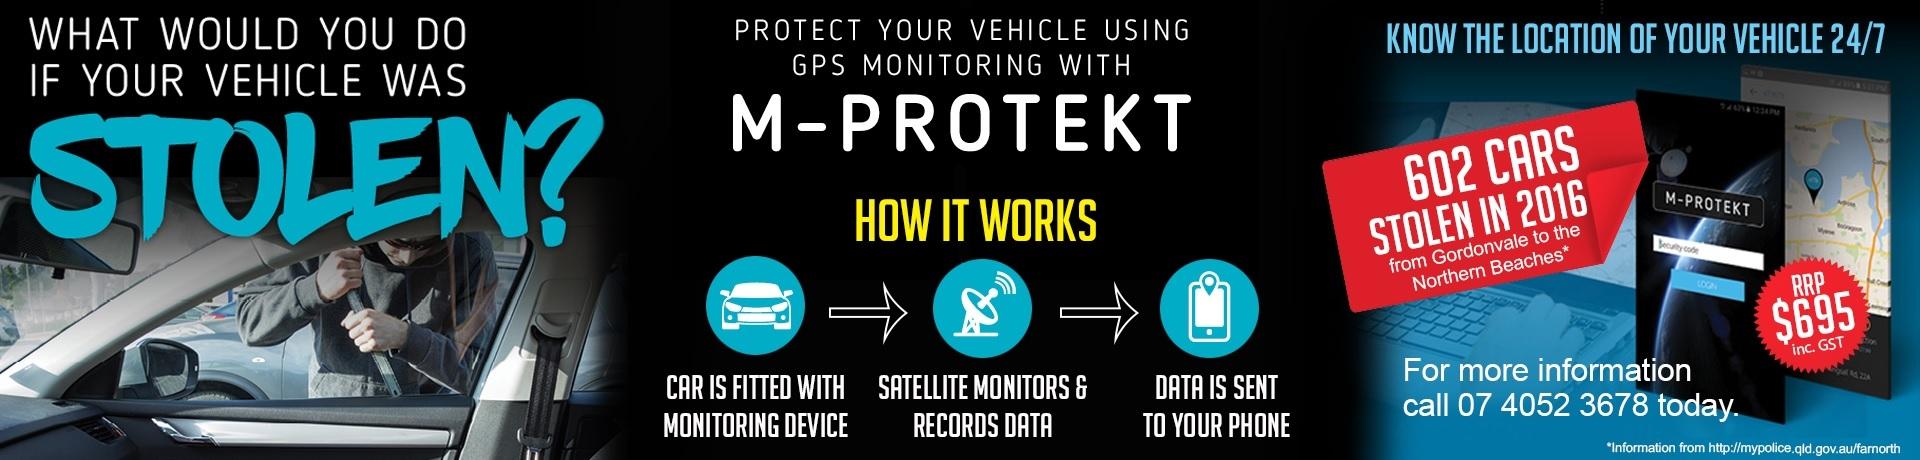 M-Protekt